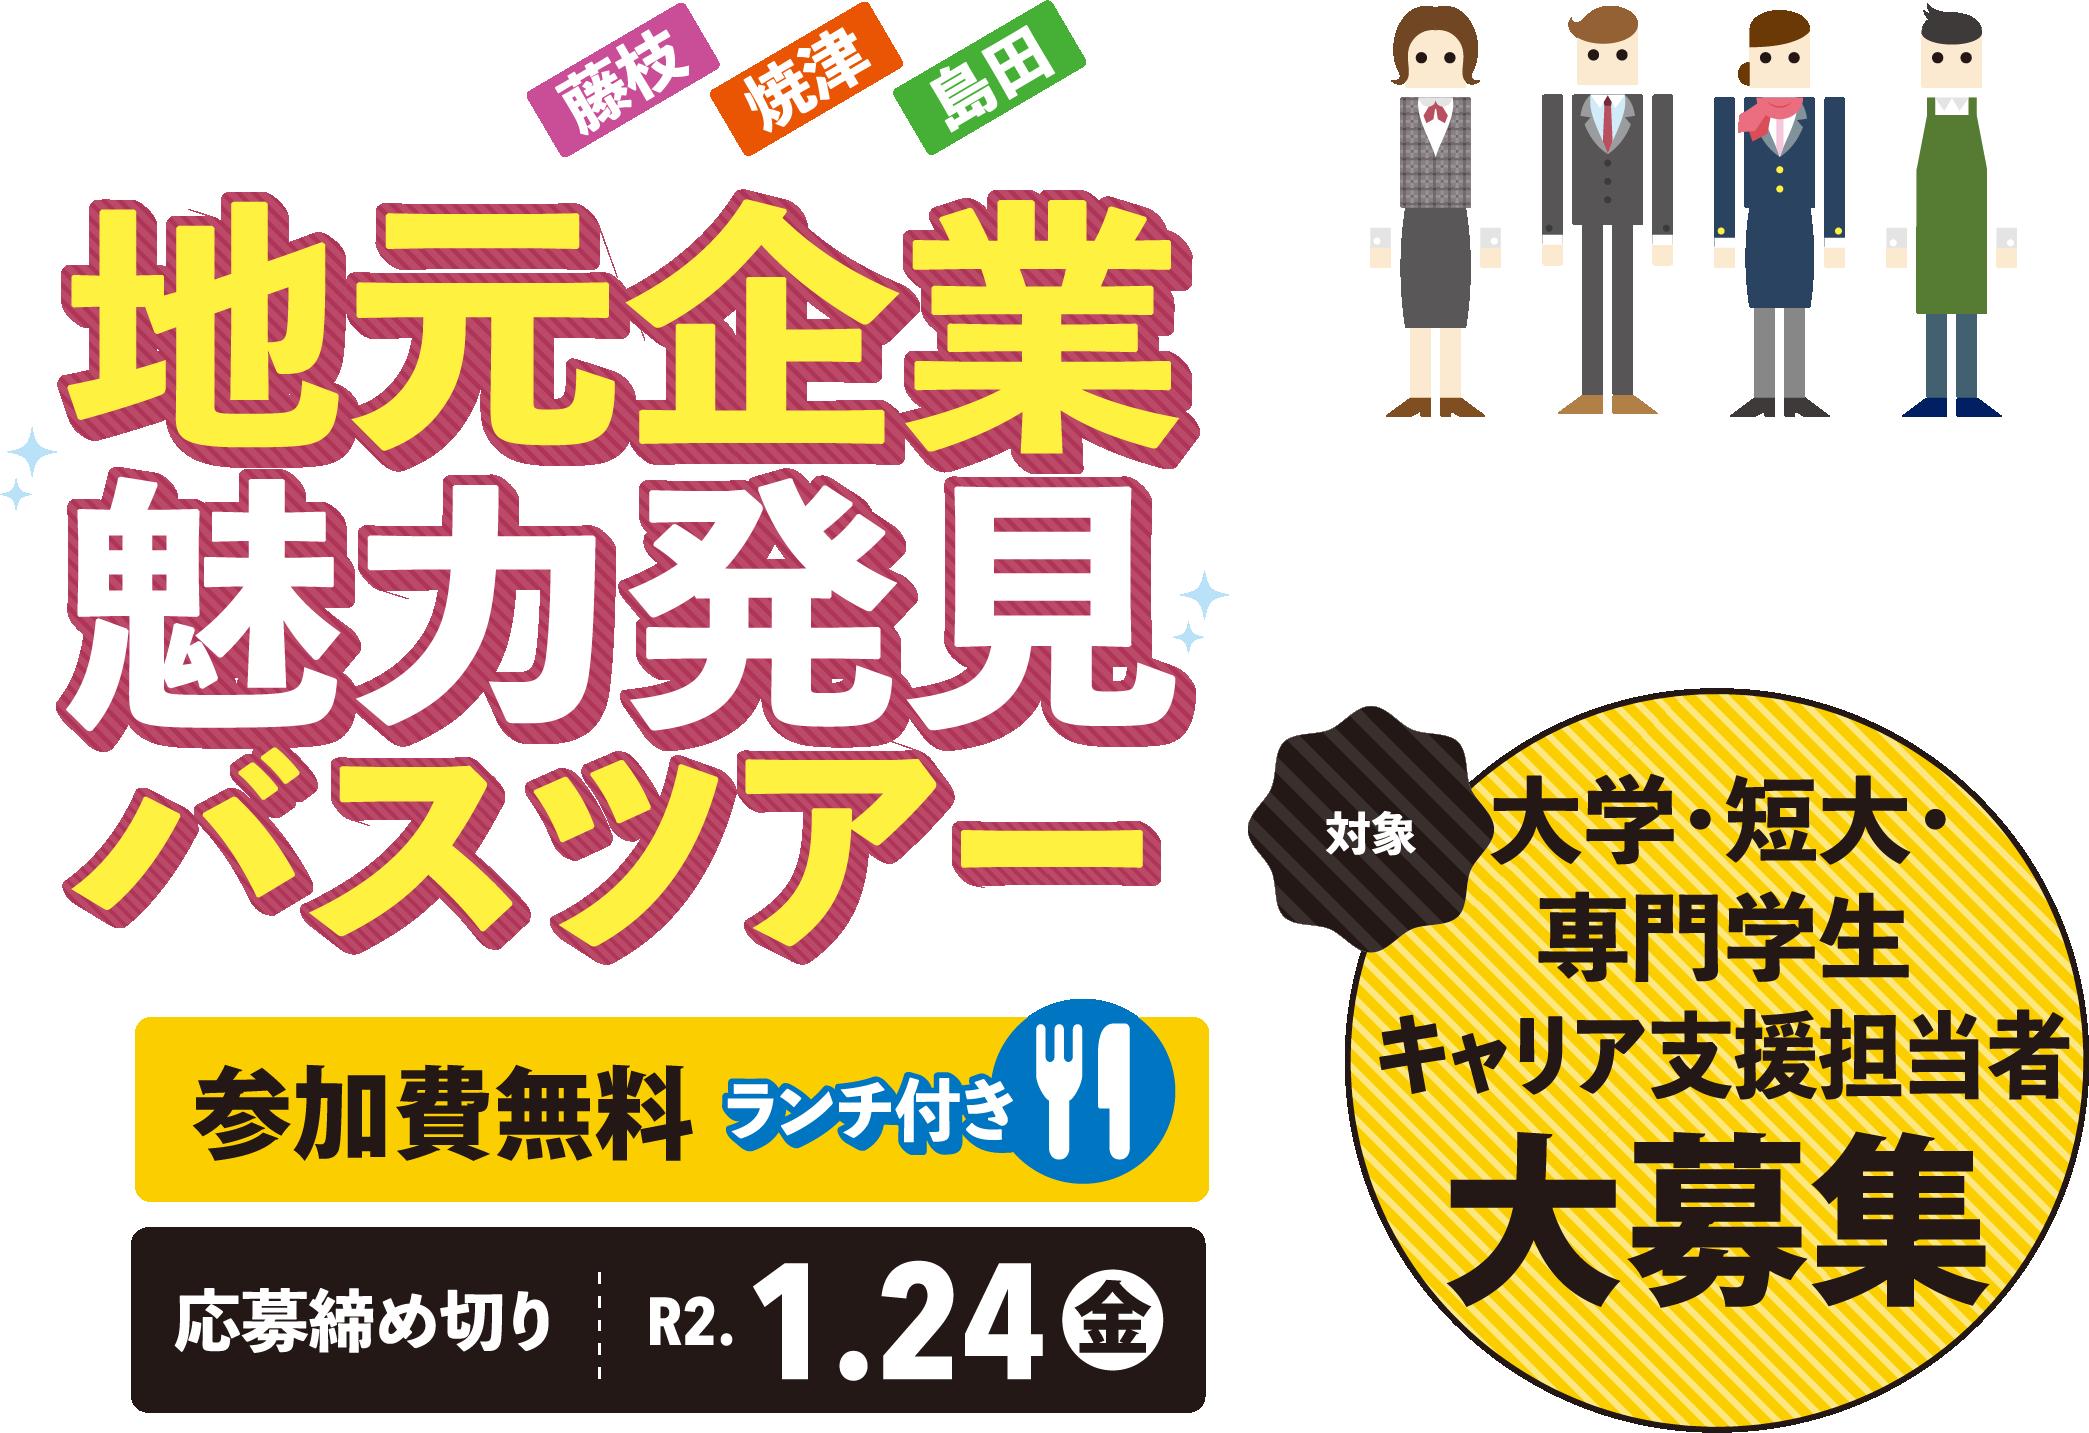 志田3市地元企業魅力発見バスツアー